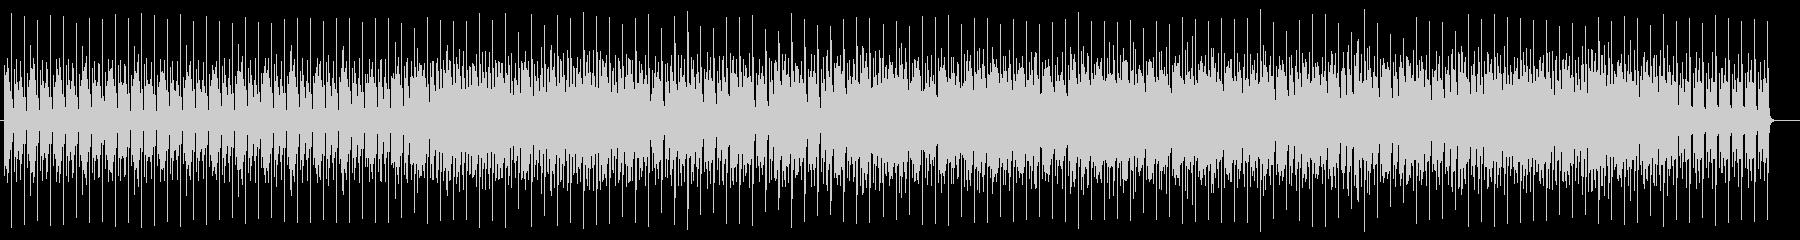 落ち着いたテンポのクセのないポップスの未再生の波形